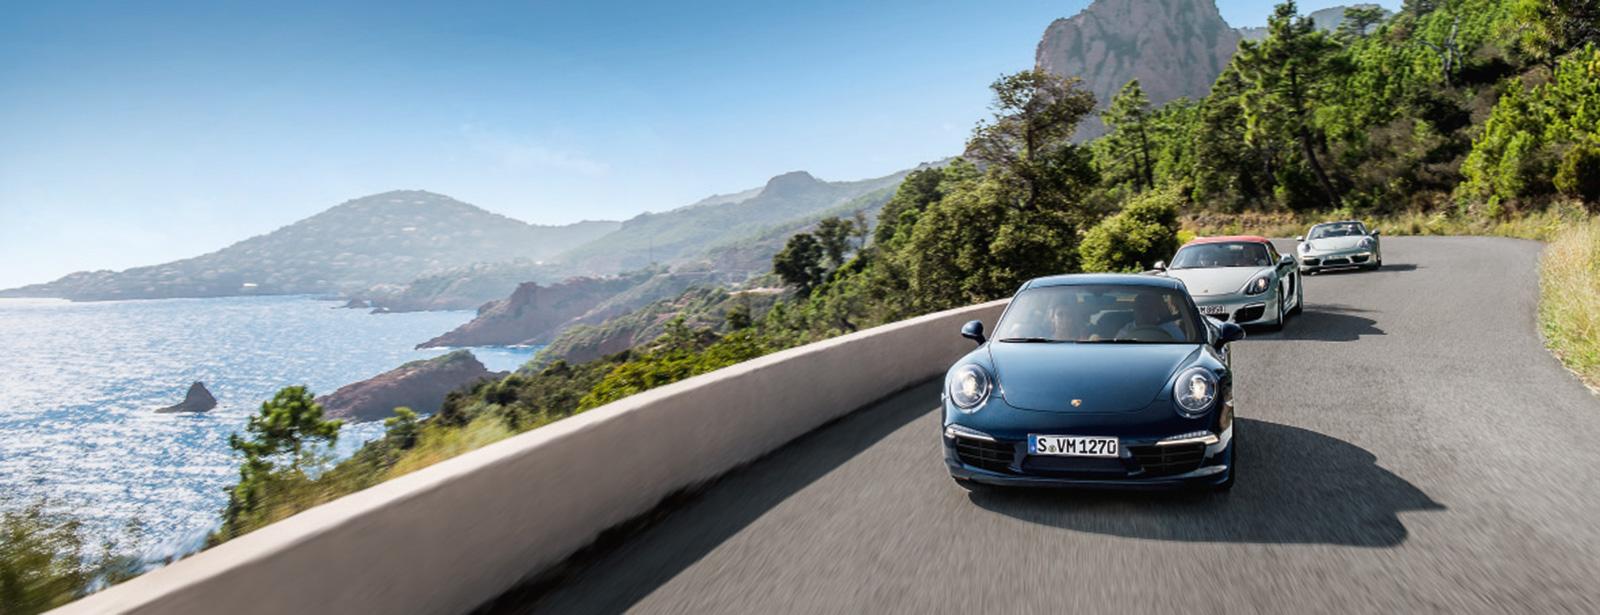 Porsche Club Oberfranken e.V.